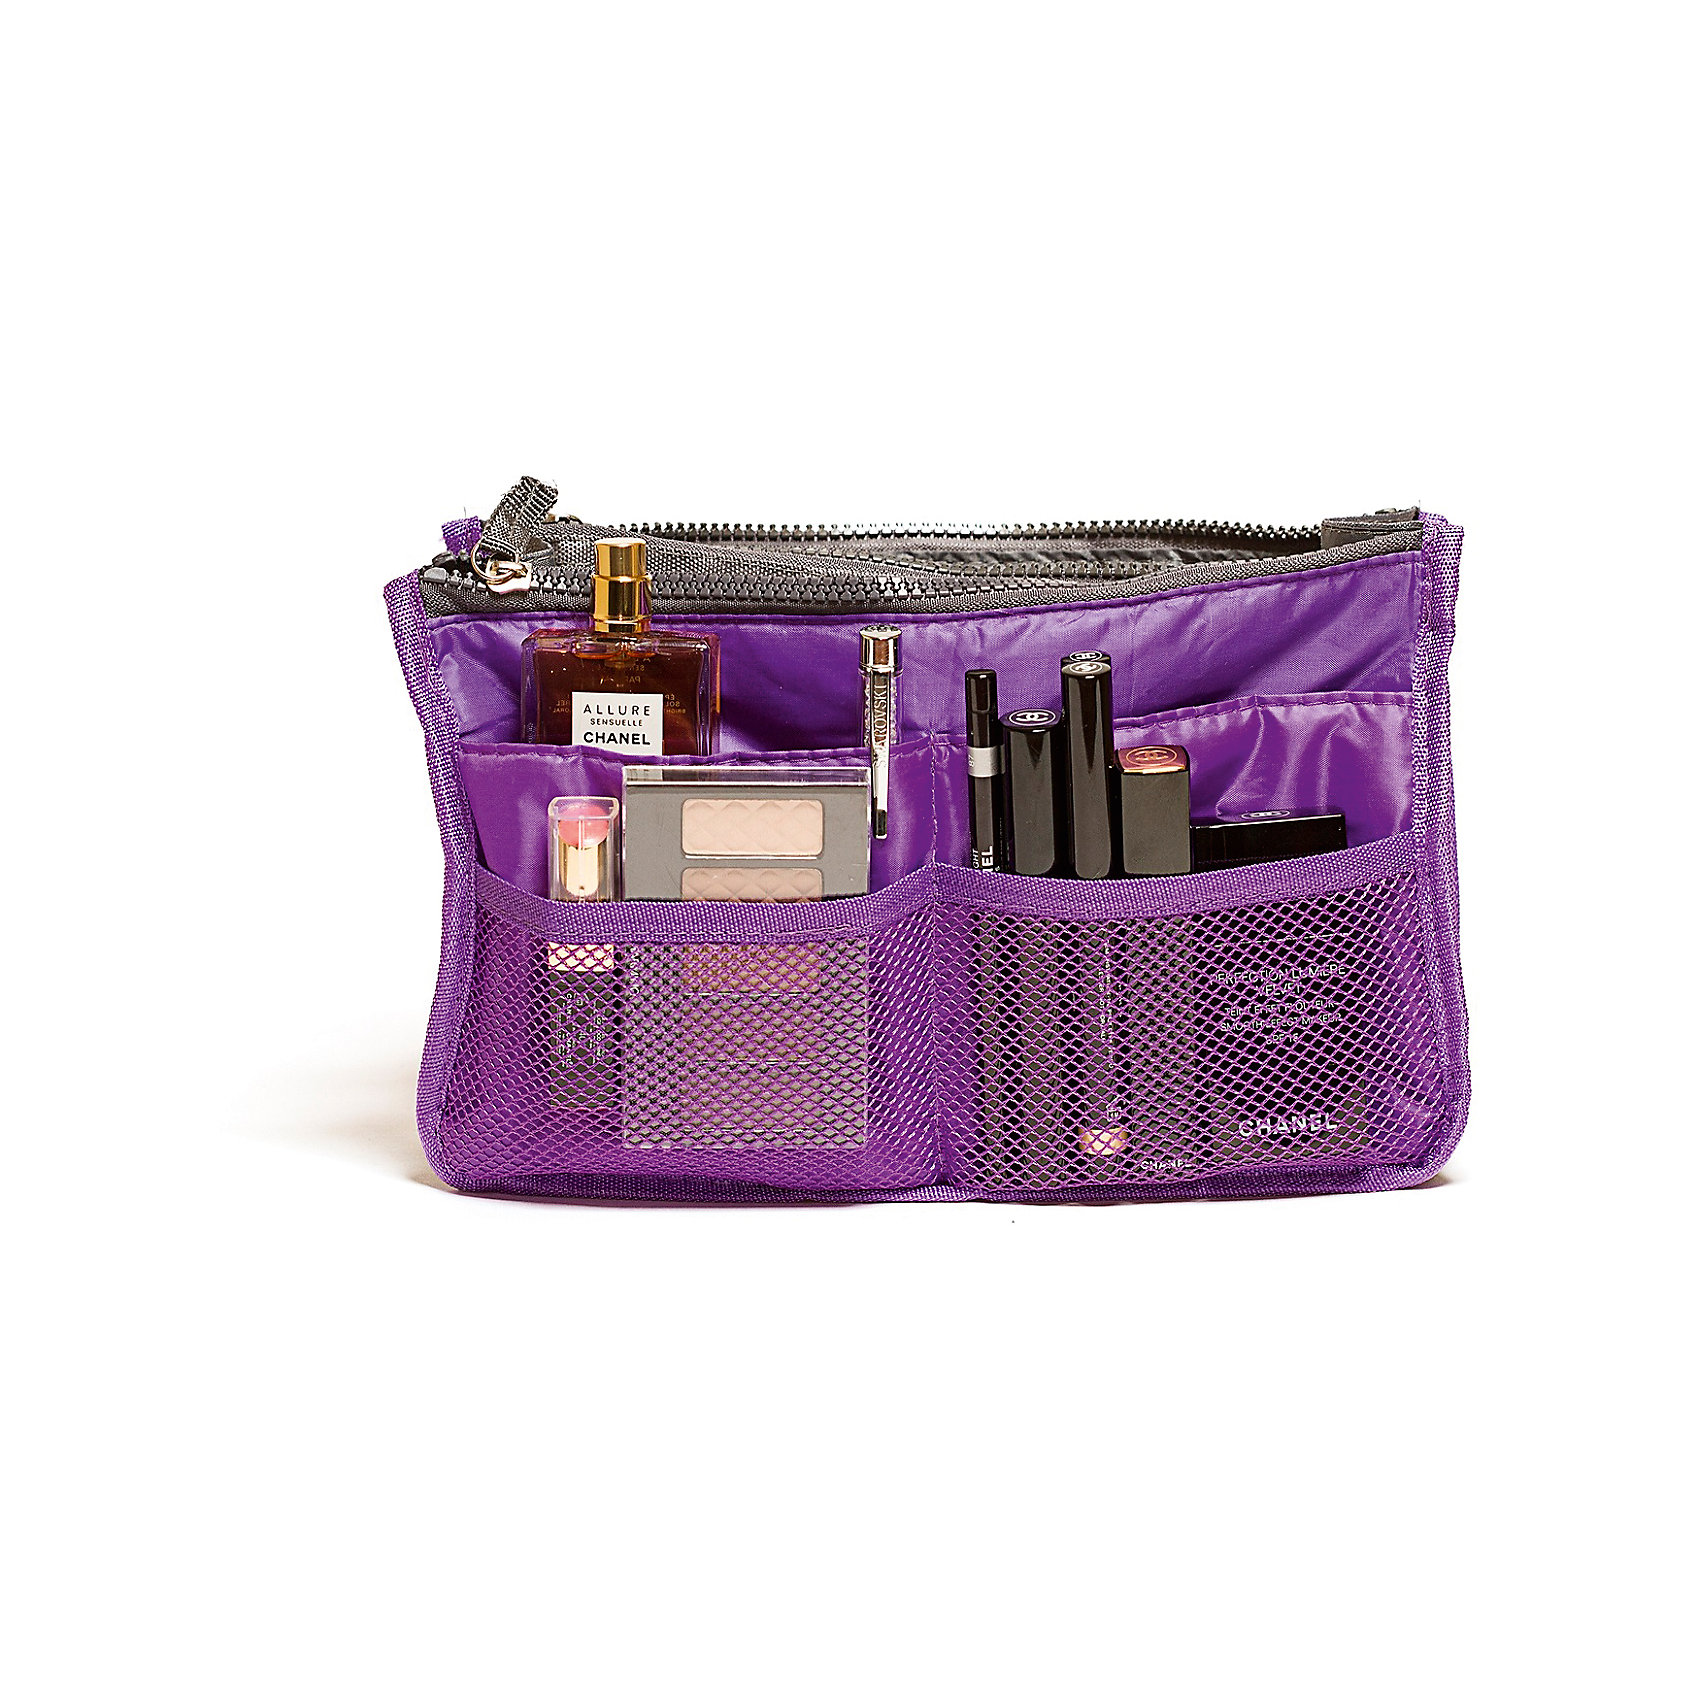 Органайзер для сумки, Homsu, фиолетовыйОрганайзеры для одежды<br>Характеристики товара:<br><br>• цвет: фиолетовый<br>• материал: ткань, полиэстер<br>• размер: 30х8х18 см<br>• вес: 200 г<br>• застежка: молния<br>• ручки для переноски<br>• вместимость: 3 отделения, 10 карманов<br>• страна бренда: Россия<br>• страна изготовитель: Китай<br><br>Органайзер для сумки от бренда Homsu (Хомсу) - очень удобная вещь для хранения вещей и эргономичной организации пространства.<br><br>Он легкий, вместительный, имеет удобную ручку для переноски, можно использовать как отдельный аксессуар.<br><br>Органайзер для сумки, Homsu можно купить в нашем интернет-магазине.<br><br>Ширина мм: 280<br>Глубина мм: 30<br>Высота мм: 170<br>Вес г: 200<br>Возраст от месяцев: 216<br>Возраст до месяцев: 1188<br>Пол: Унисекс<br>Возраст: Детский<br>SKU: 5620312